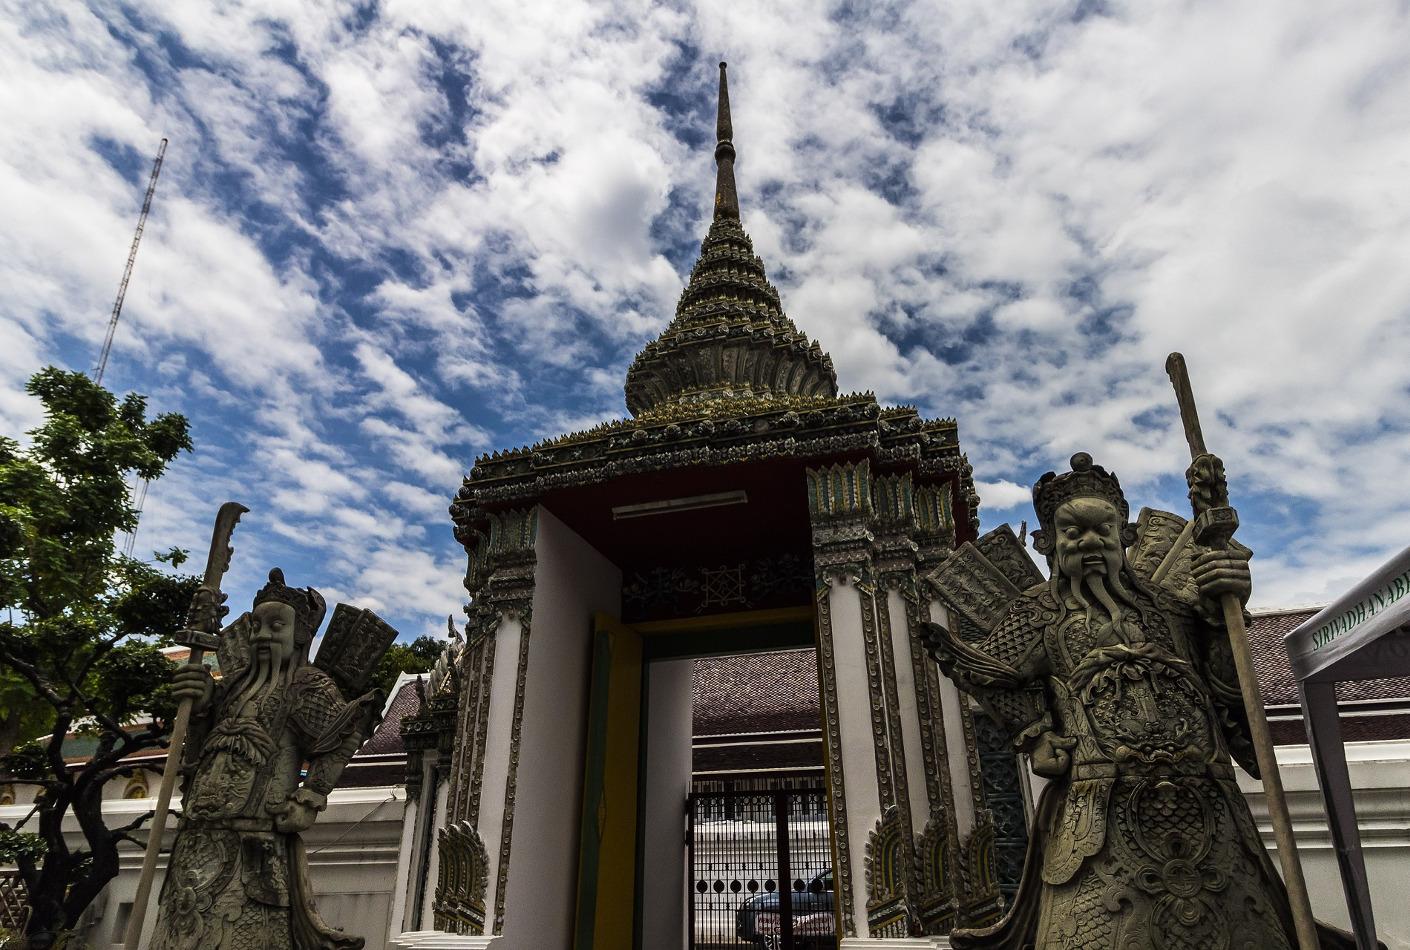 Templo de Wat Pho en Bangkok. Oferta viaje Bangkok.